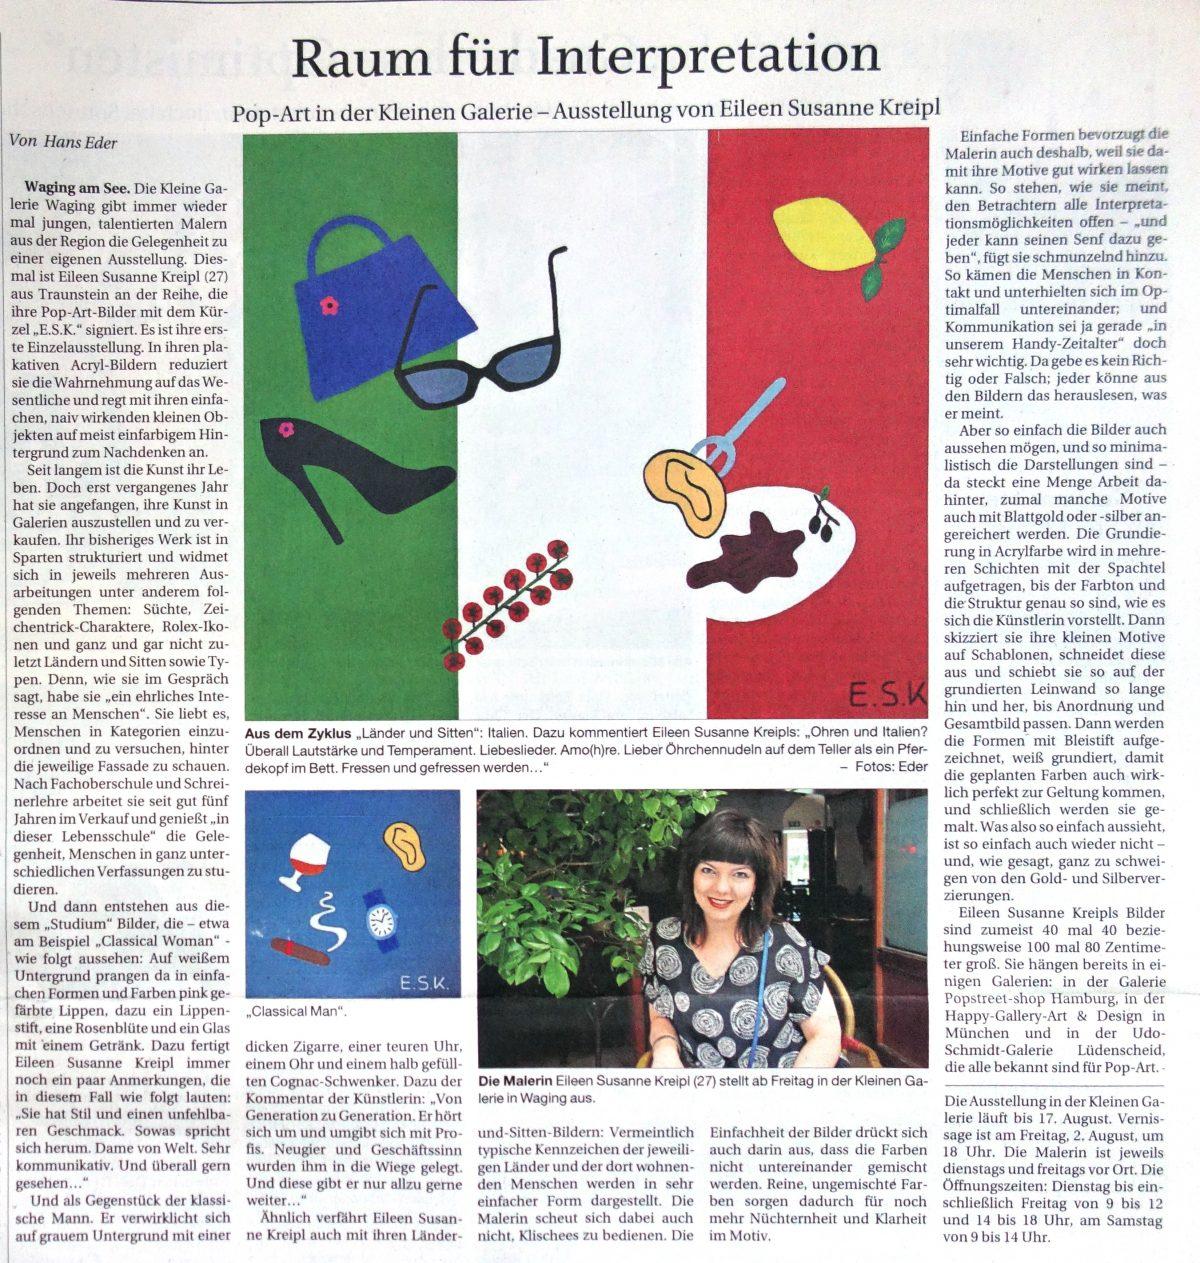 Newspaperarticle E.S.K. Eileen Susanne Kreipl